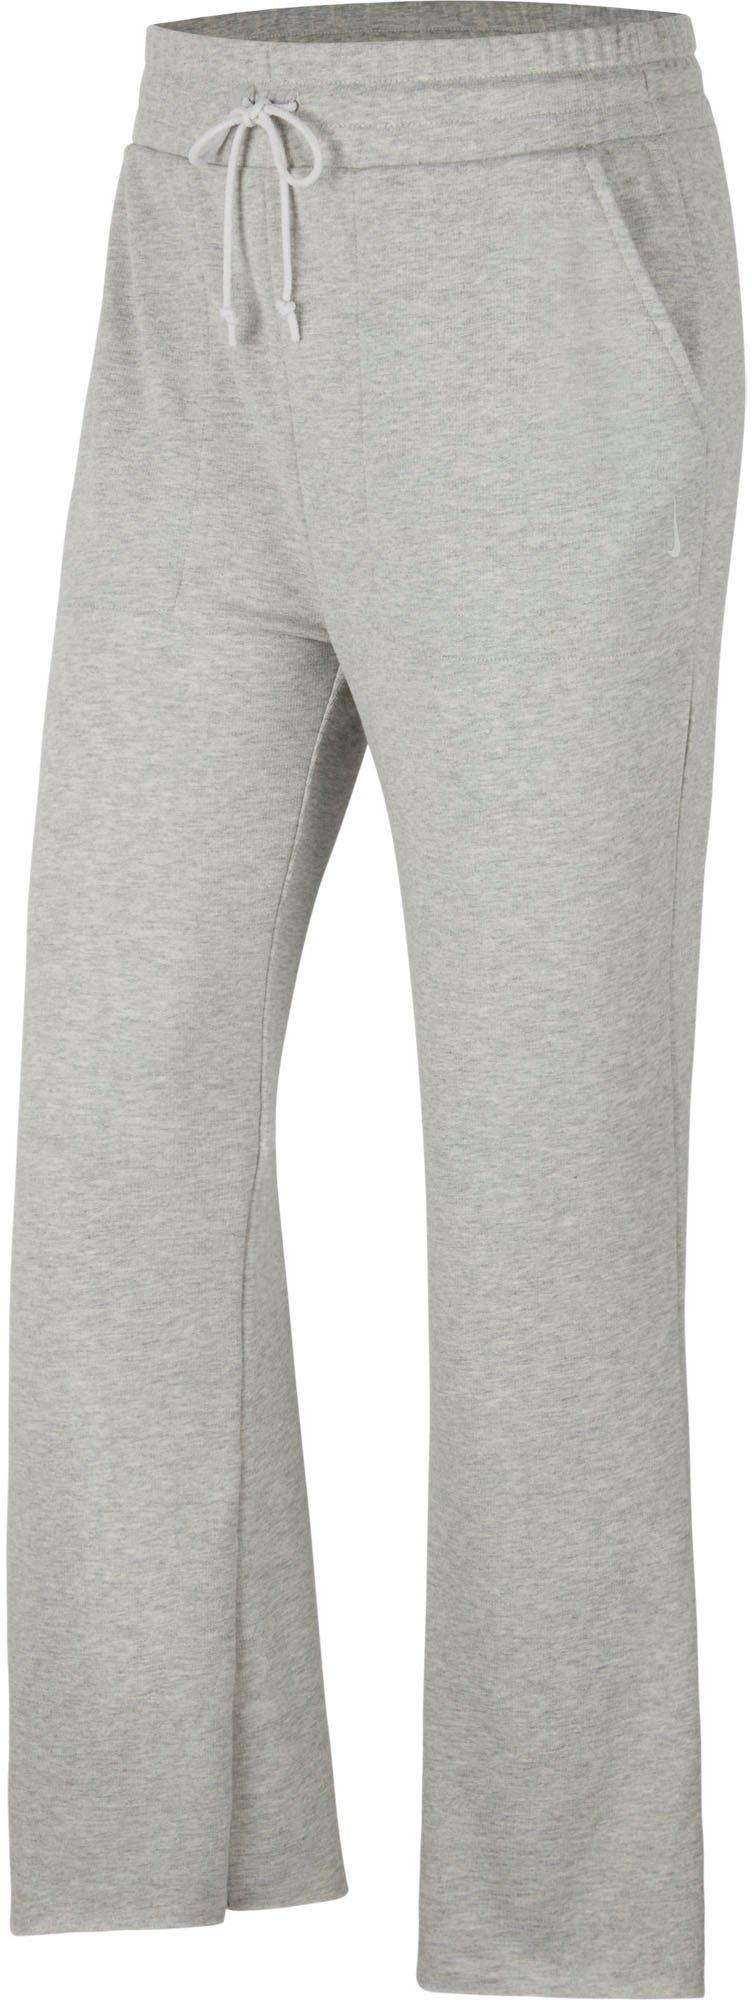 Op zoek naar een Nike yogabroek »7/8 Flare Pant«? Koop online bij OTTO